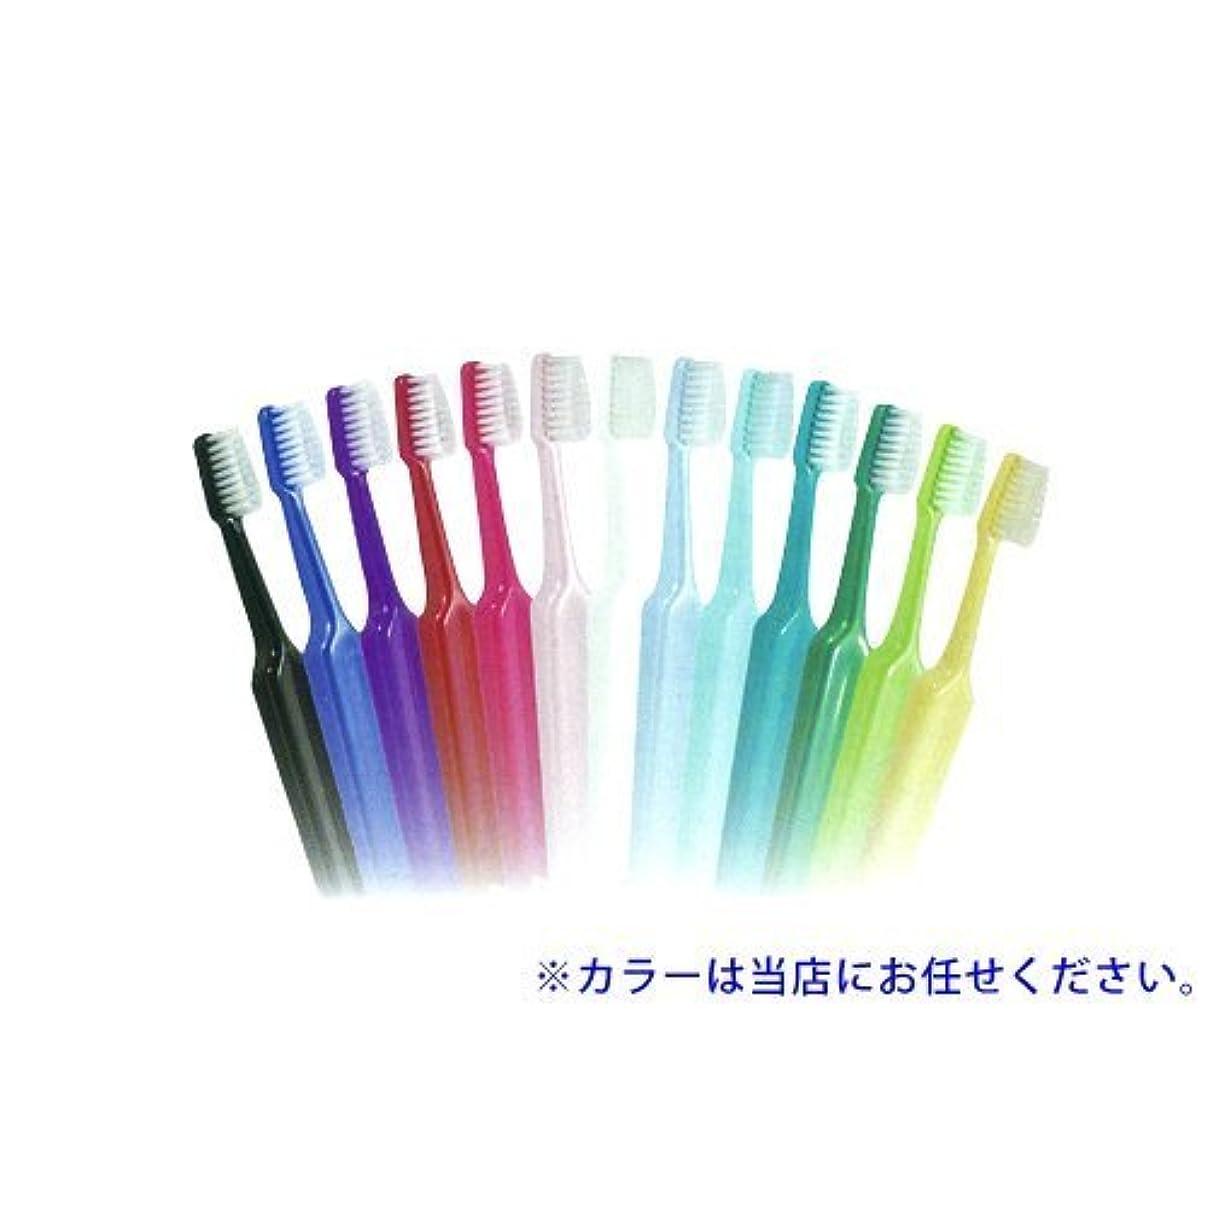 モッキンバードびっくり無礼にTepe歯ブラシ セレクトミニ/エクストラソフト 25本/箱